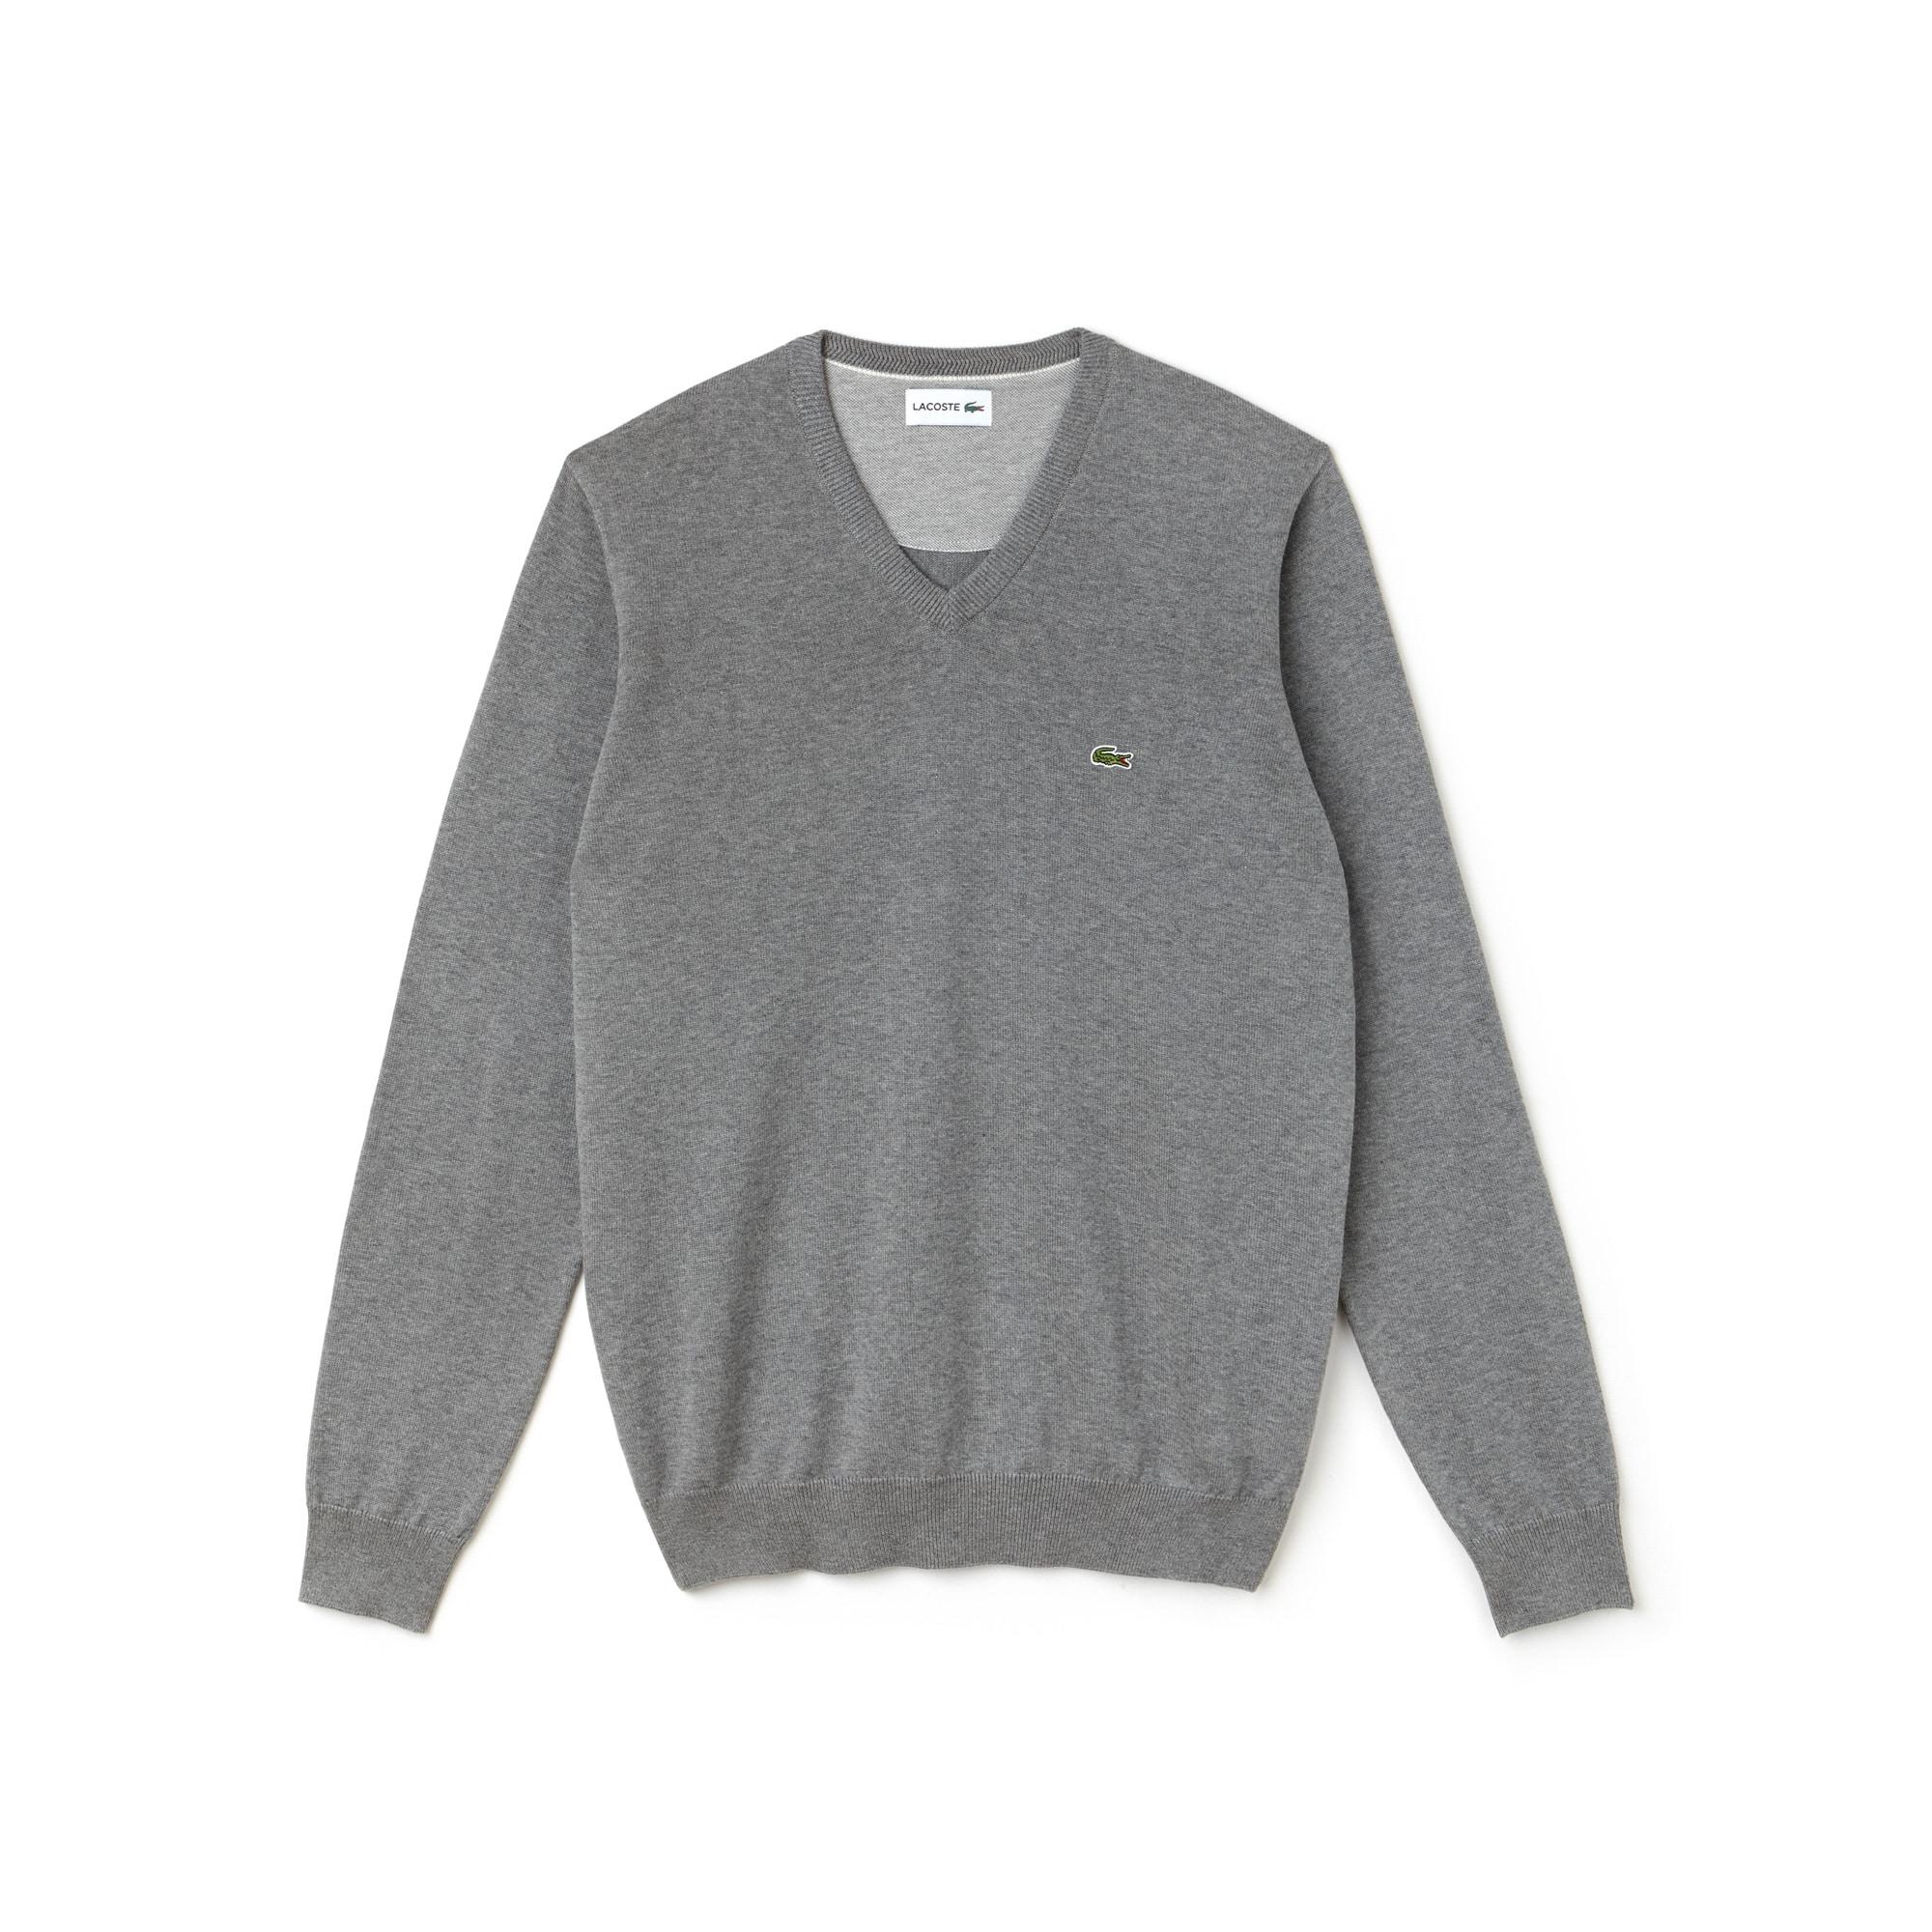 Sweatshirt heren V-hals katoenjersey met caviar piqué-accenten